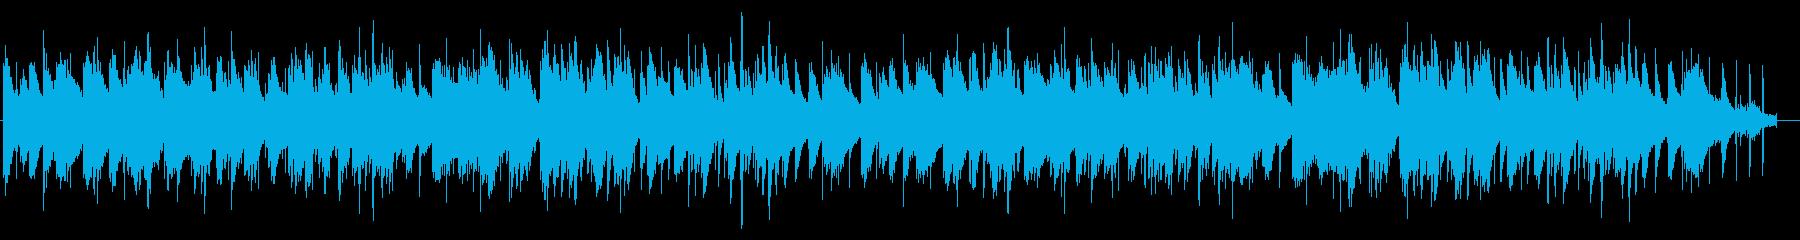 けだるい雰囲気のピアノ Lofiの再生済みの波形